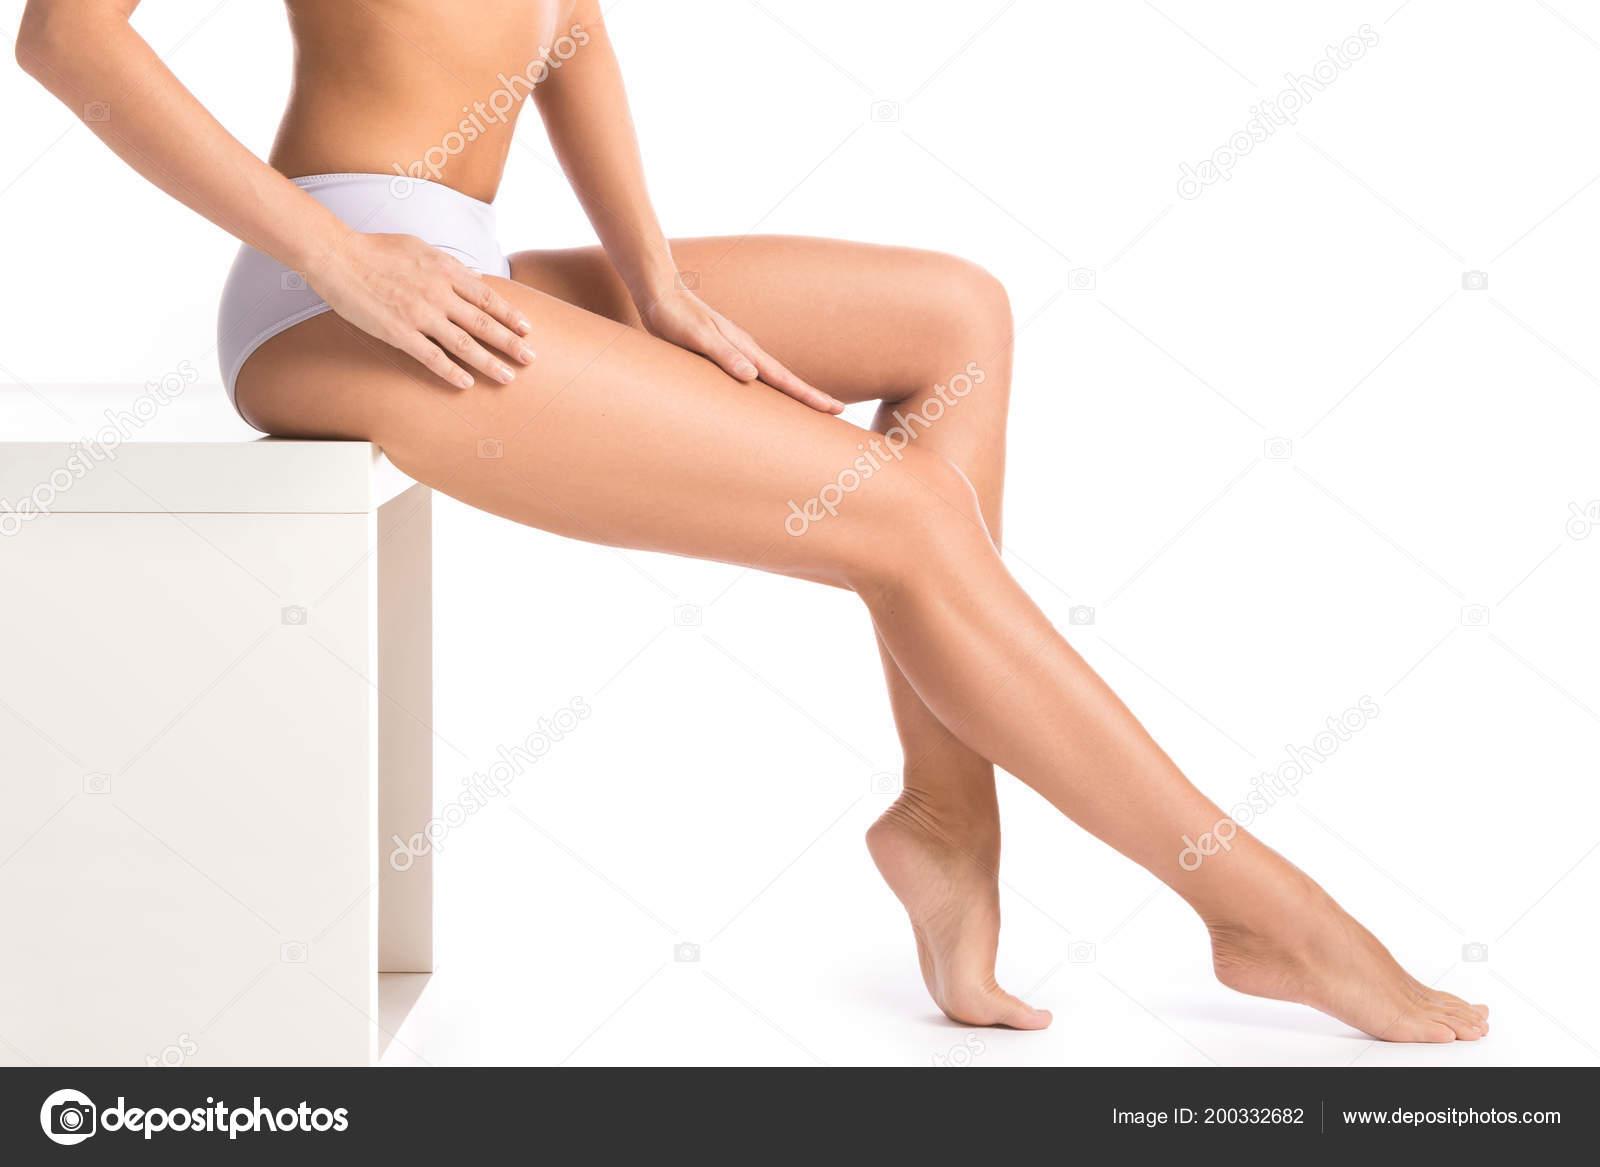 Nice female legs